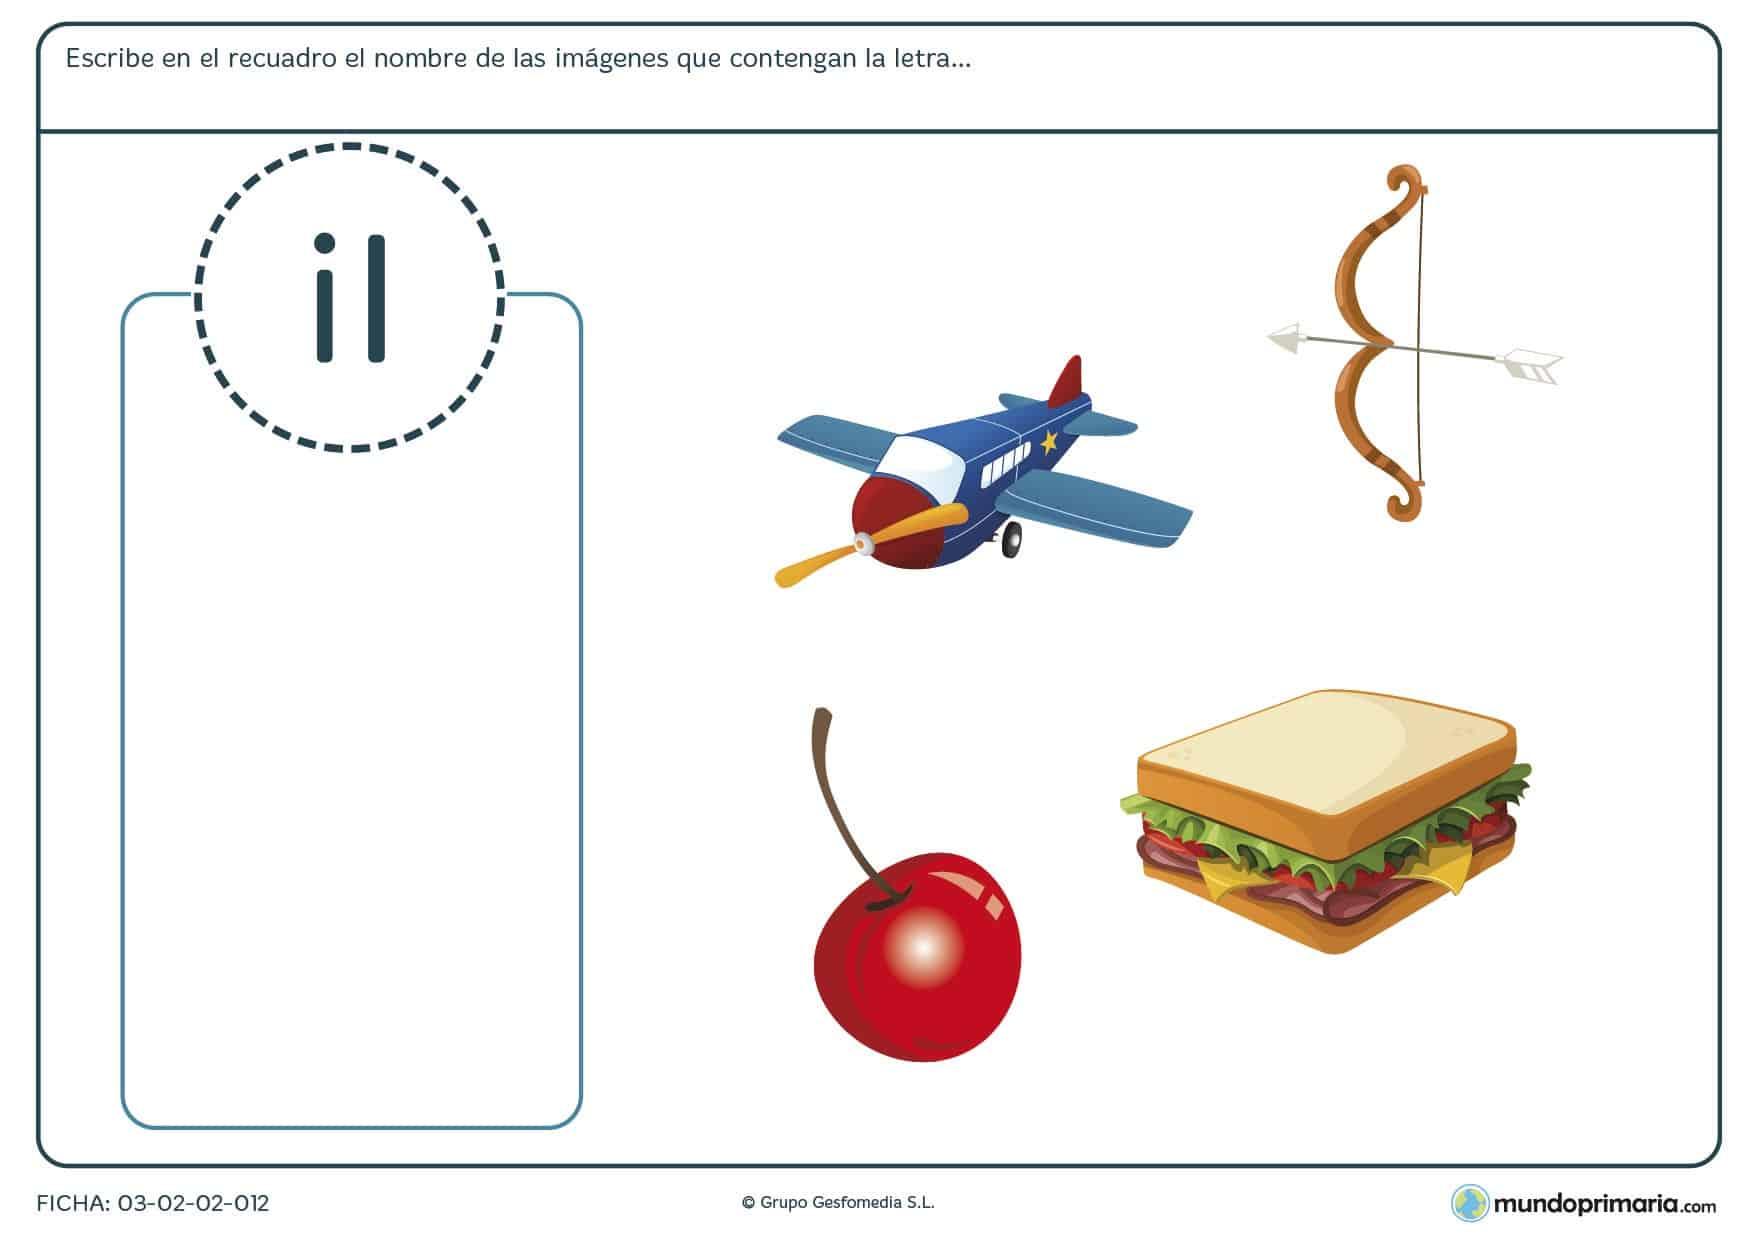 Ficha para escribir los sustantivos que contienen la letra i para practicar vocabulario y ortografía en 1º de Primaria.